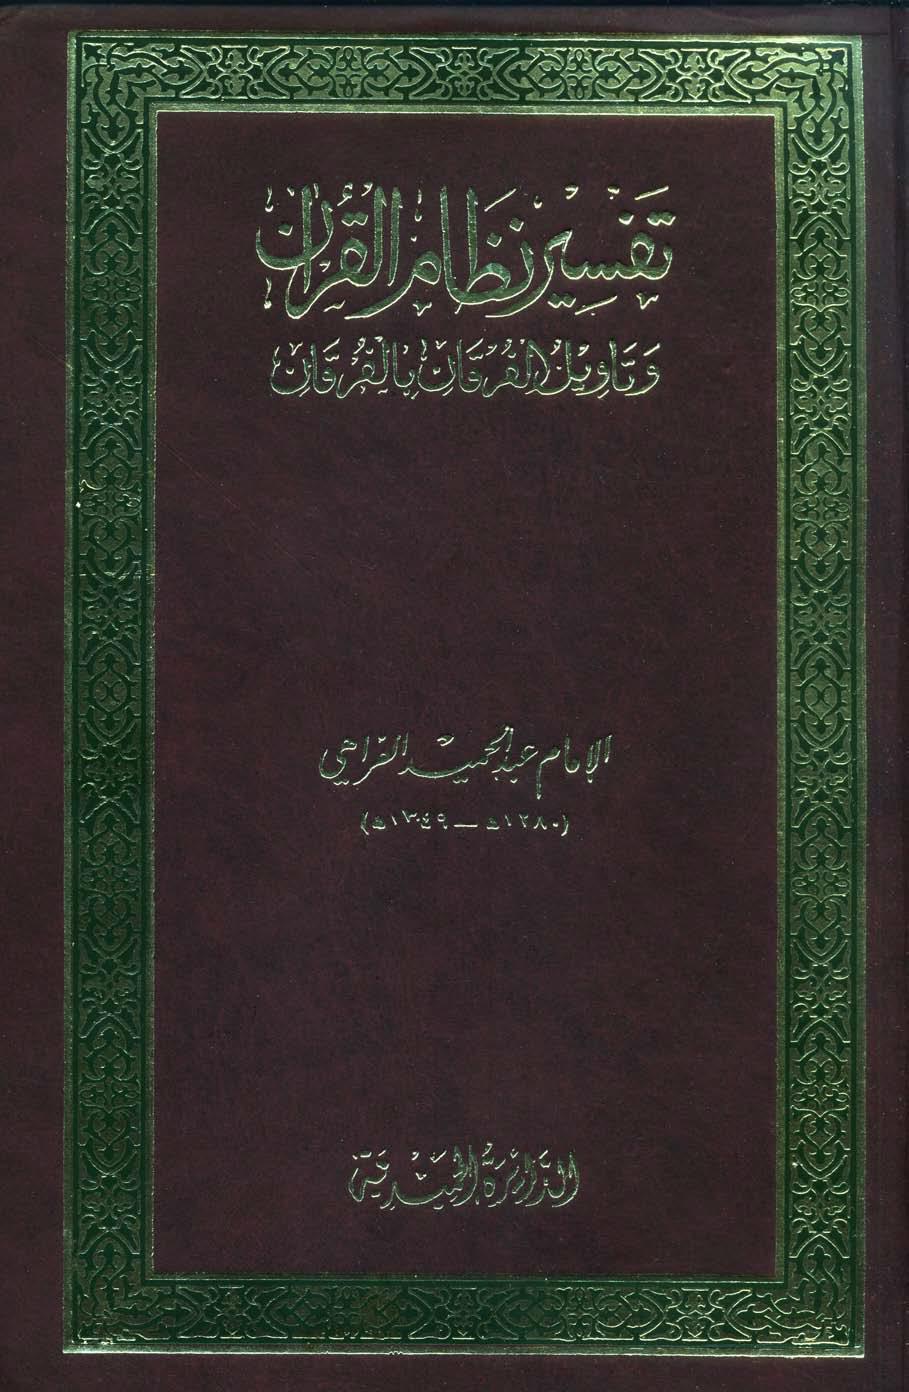 تحميل كتاب تفسير نظام القرآن وتأويل الفرقان بالفرقان لـِ: الشيخ عبد الحميد الفراهي الهندي (ت 1349)